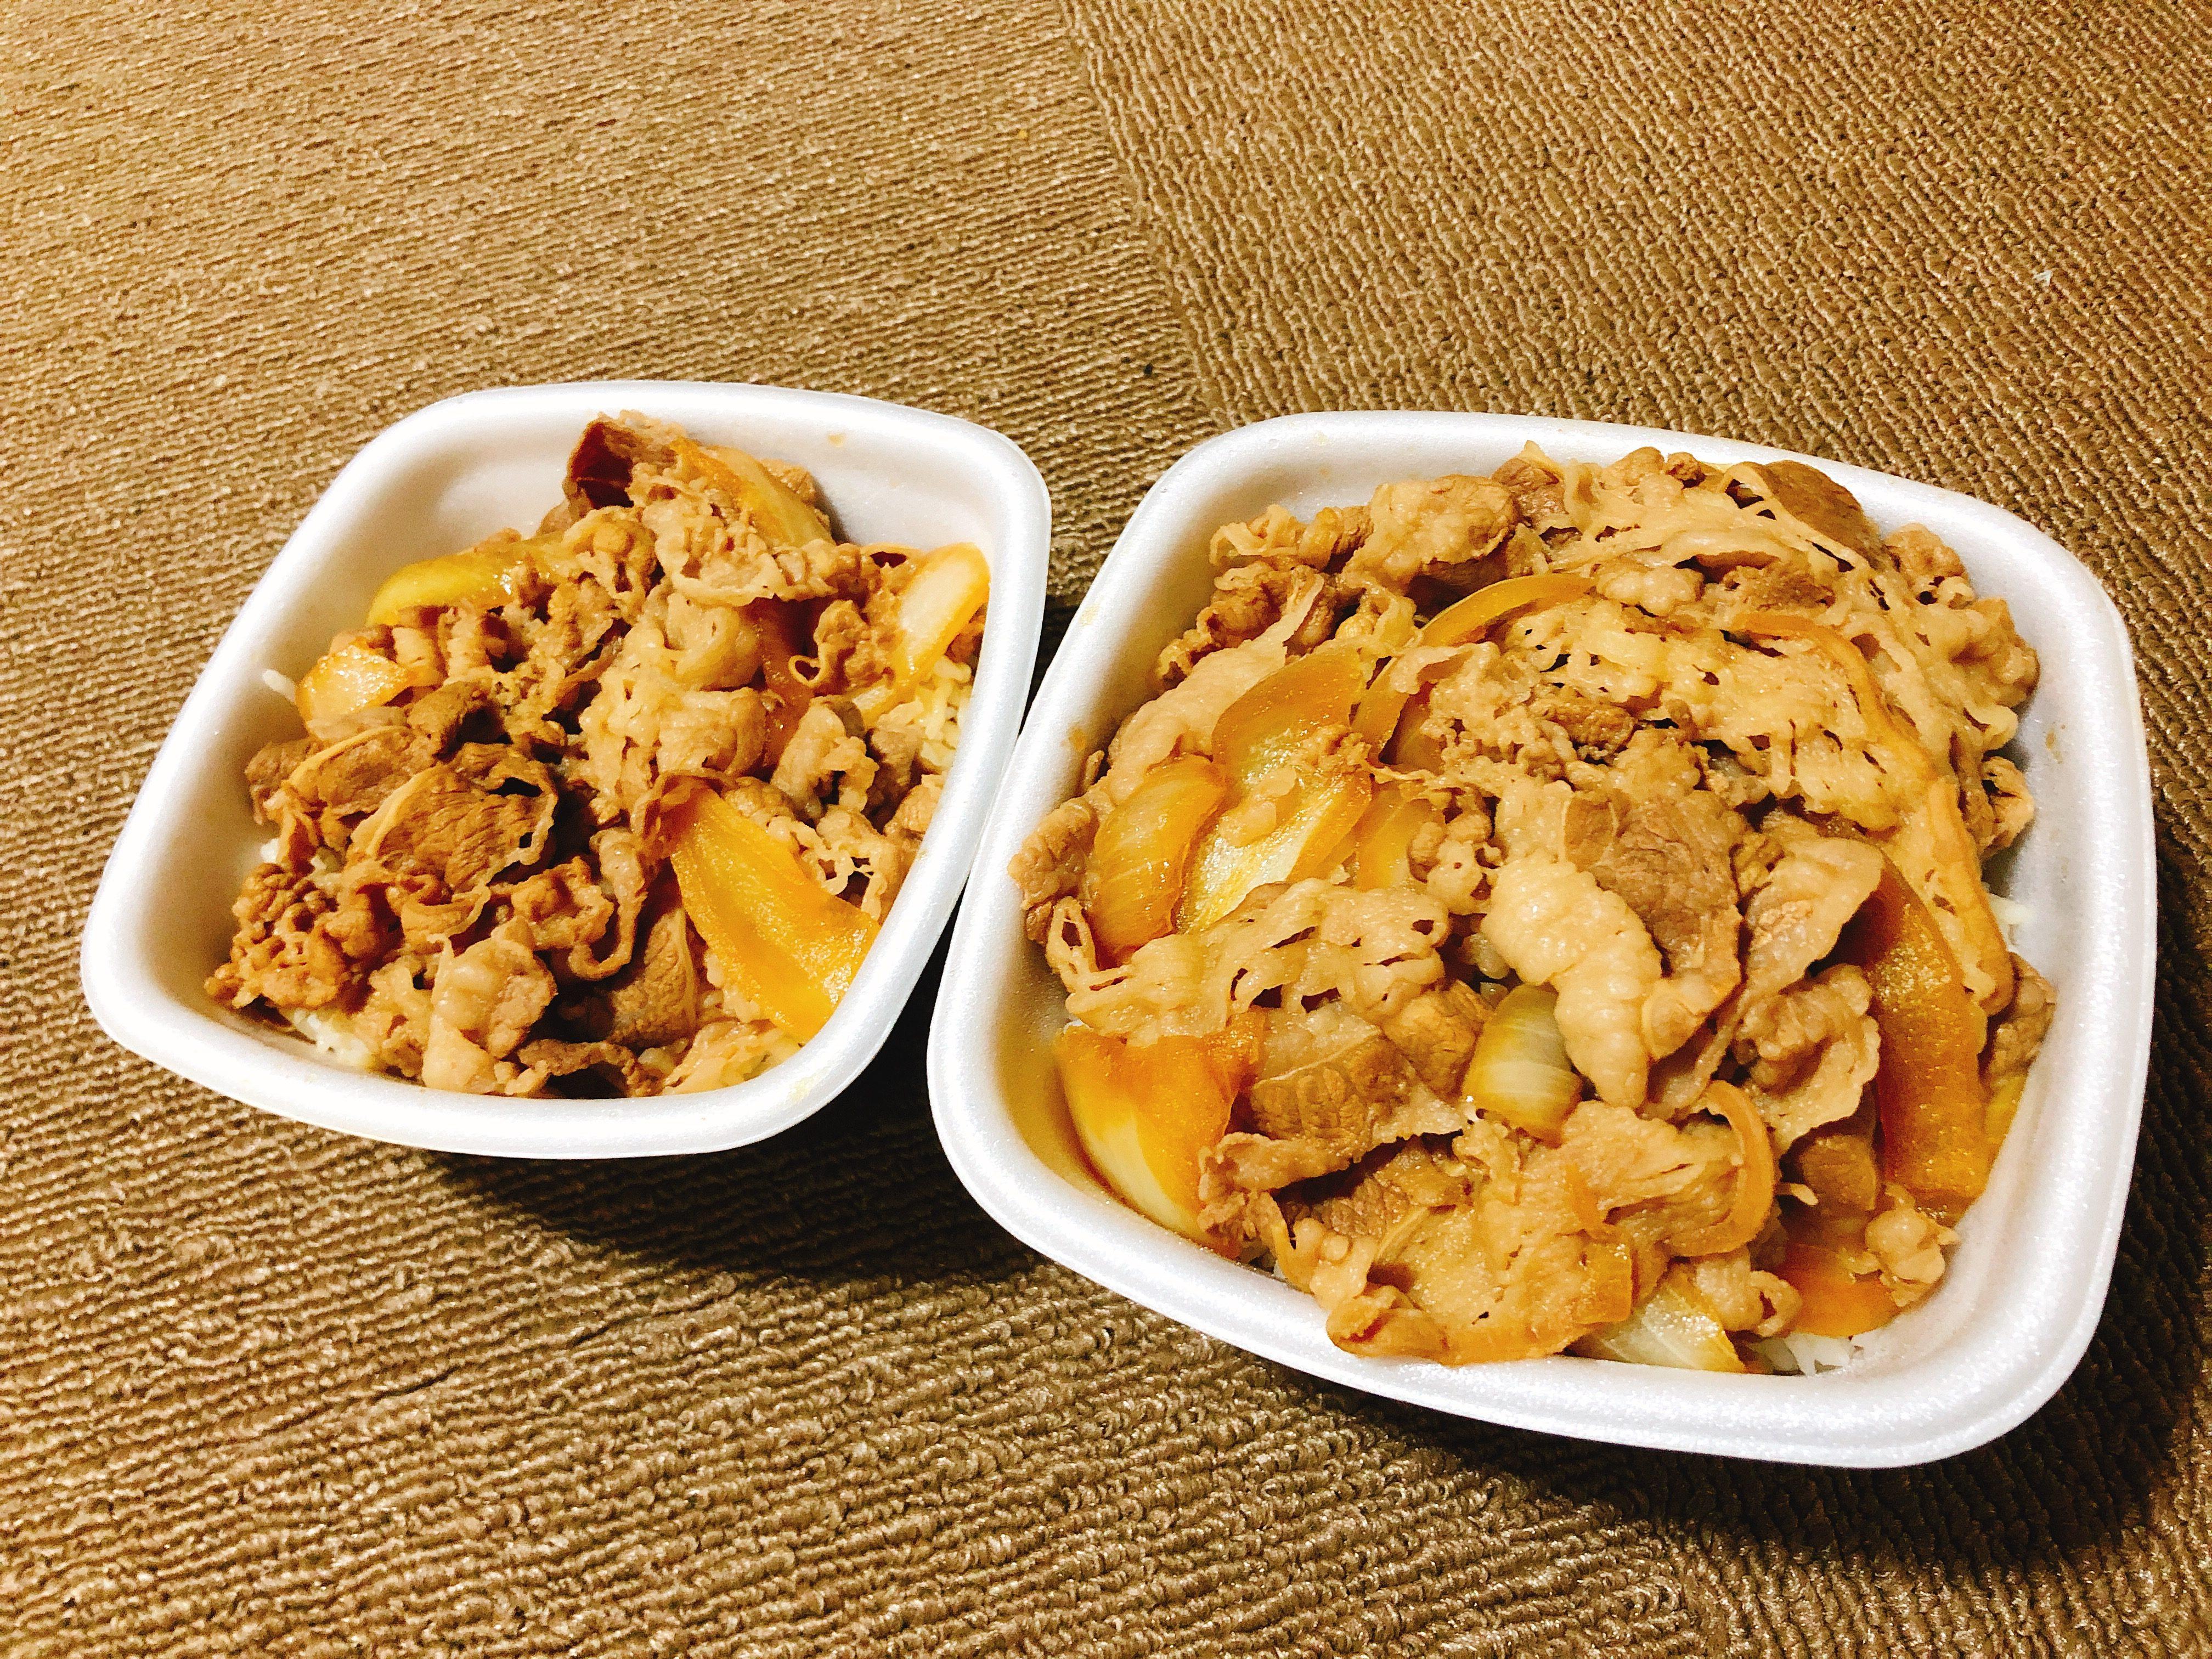 吉野家の牛丼『超特盛』と『並盛』の比較